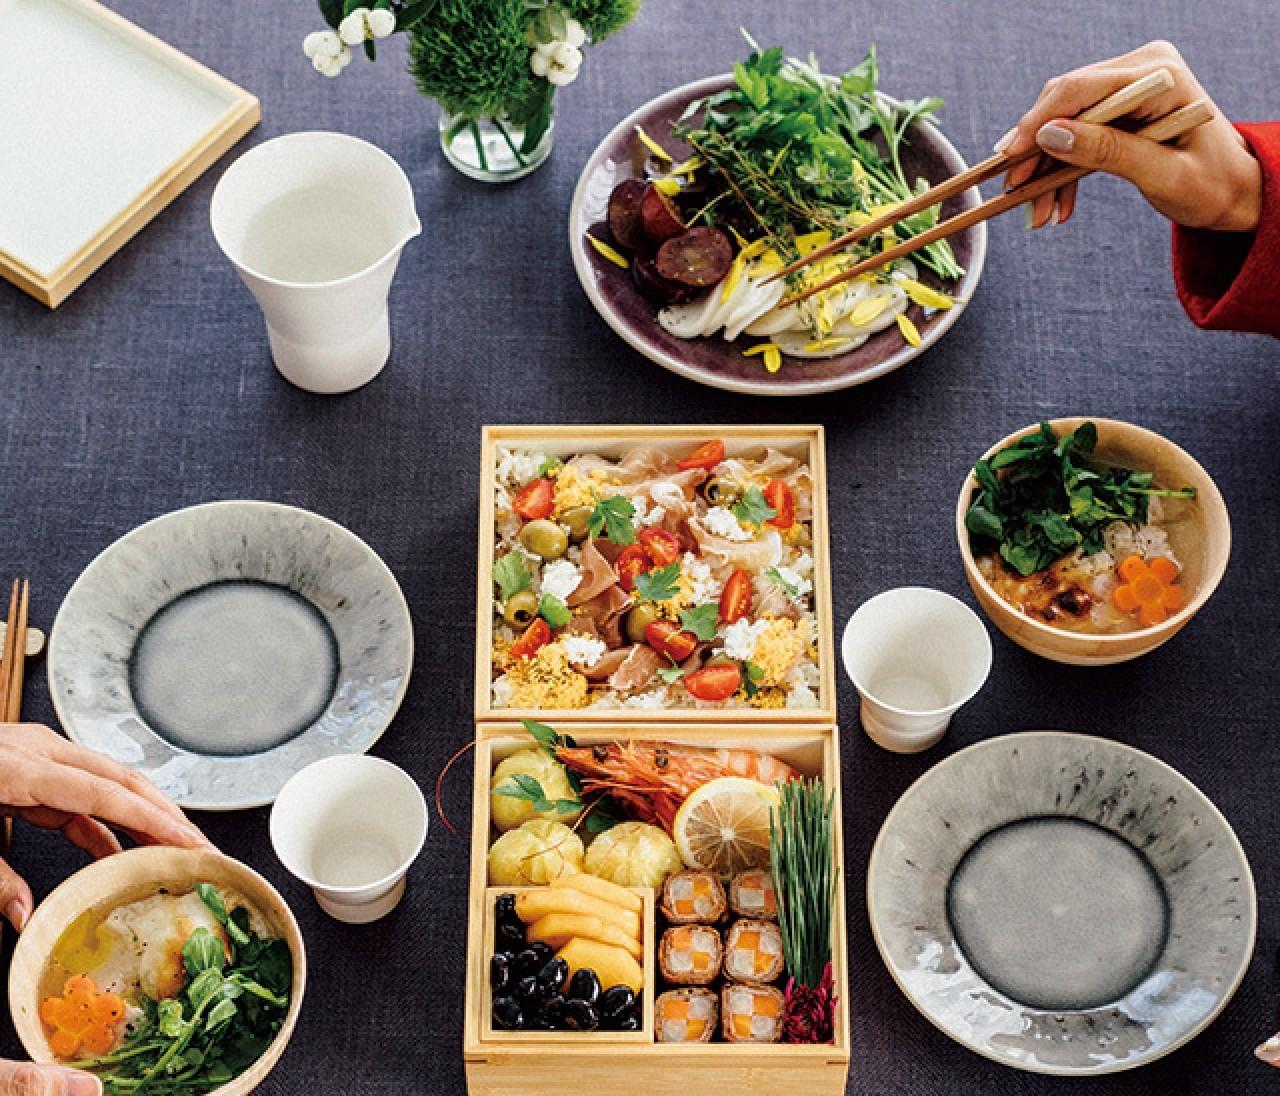 お手軽&見栄え抜群「おせち」で新年会!【カトパンの週末ふるまいごはん】